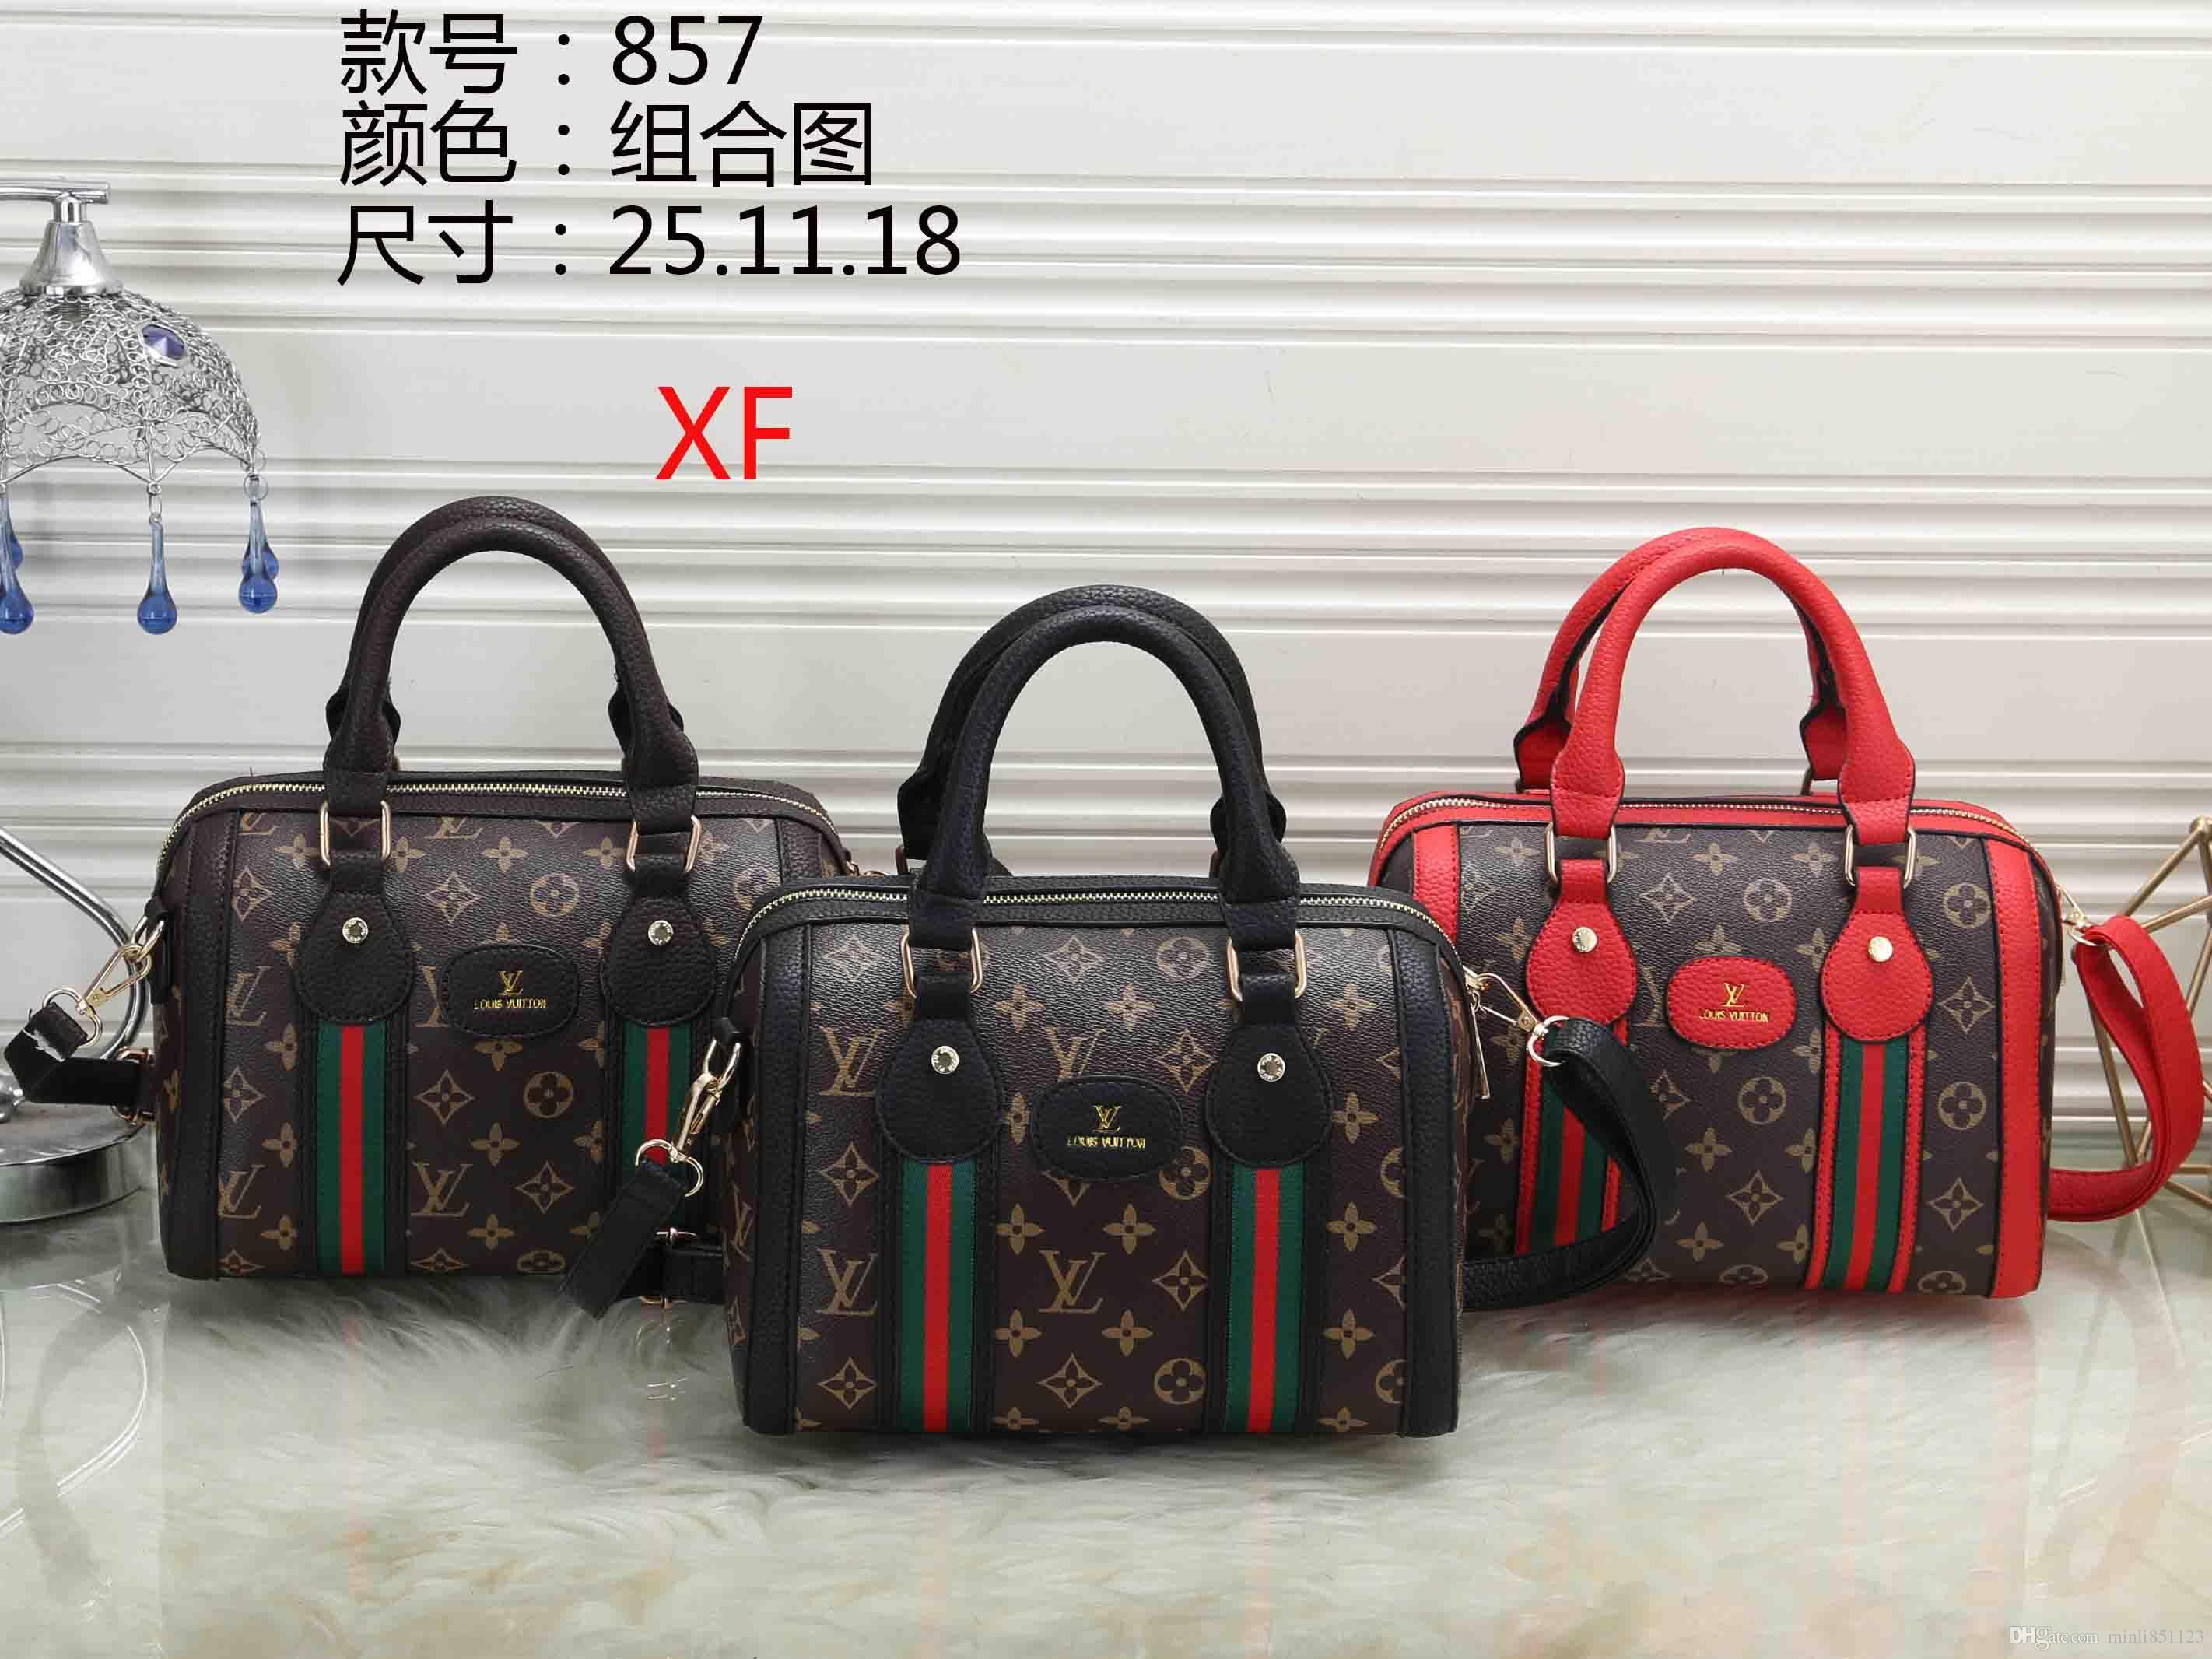 Fashion Bags 2018 Ladies Handbags Designer Bags Women Tote Bag ... 1407d92e0ff83